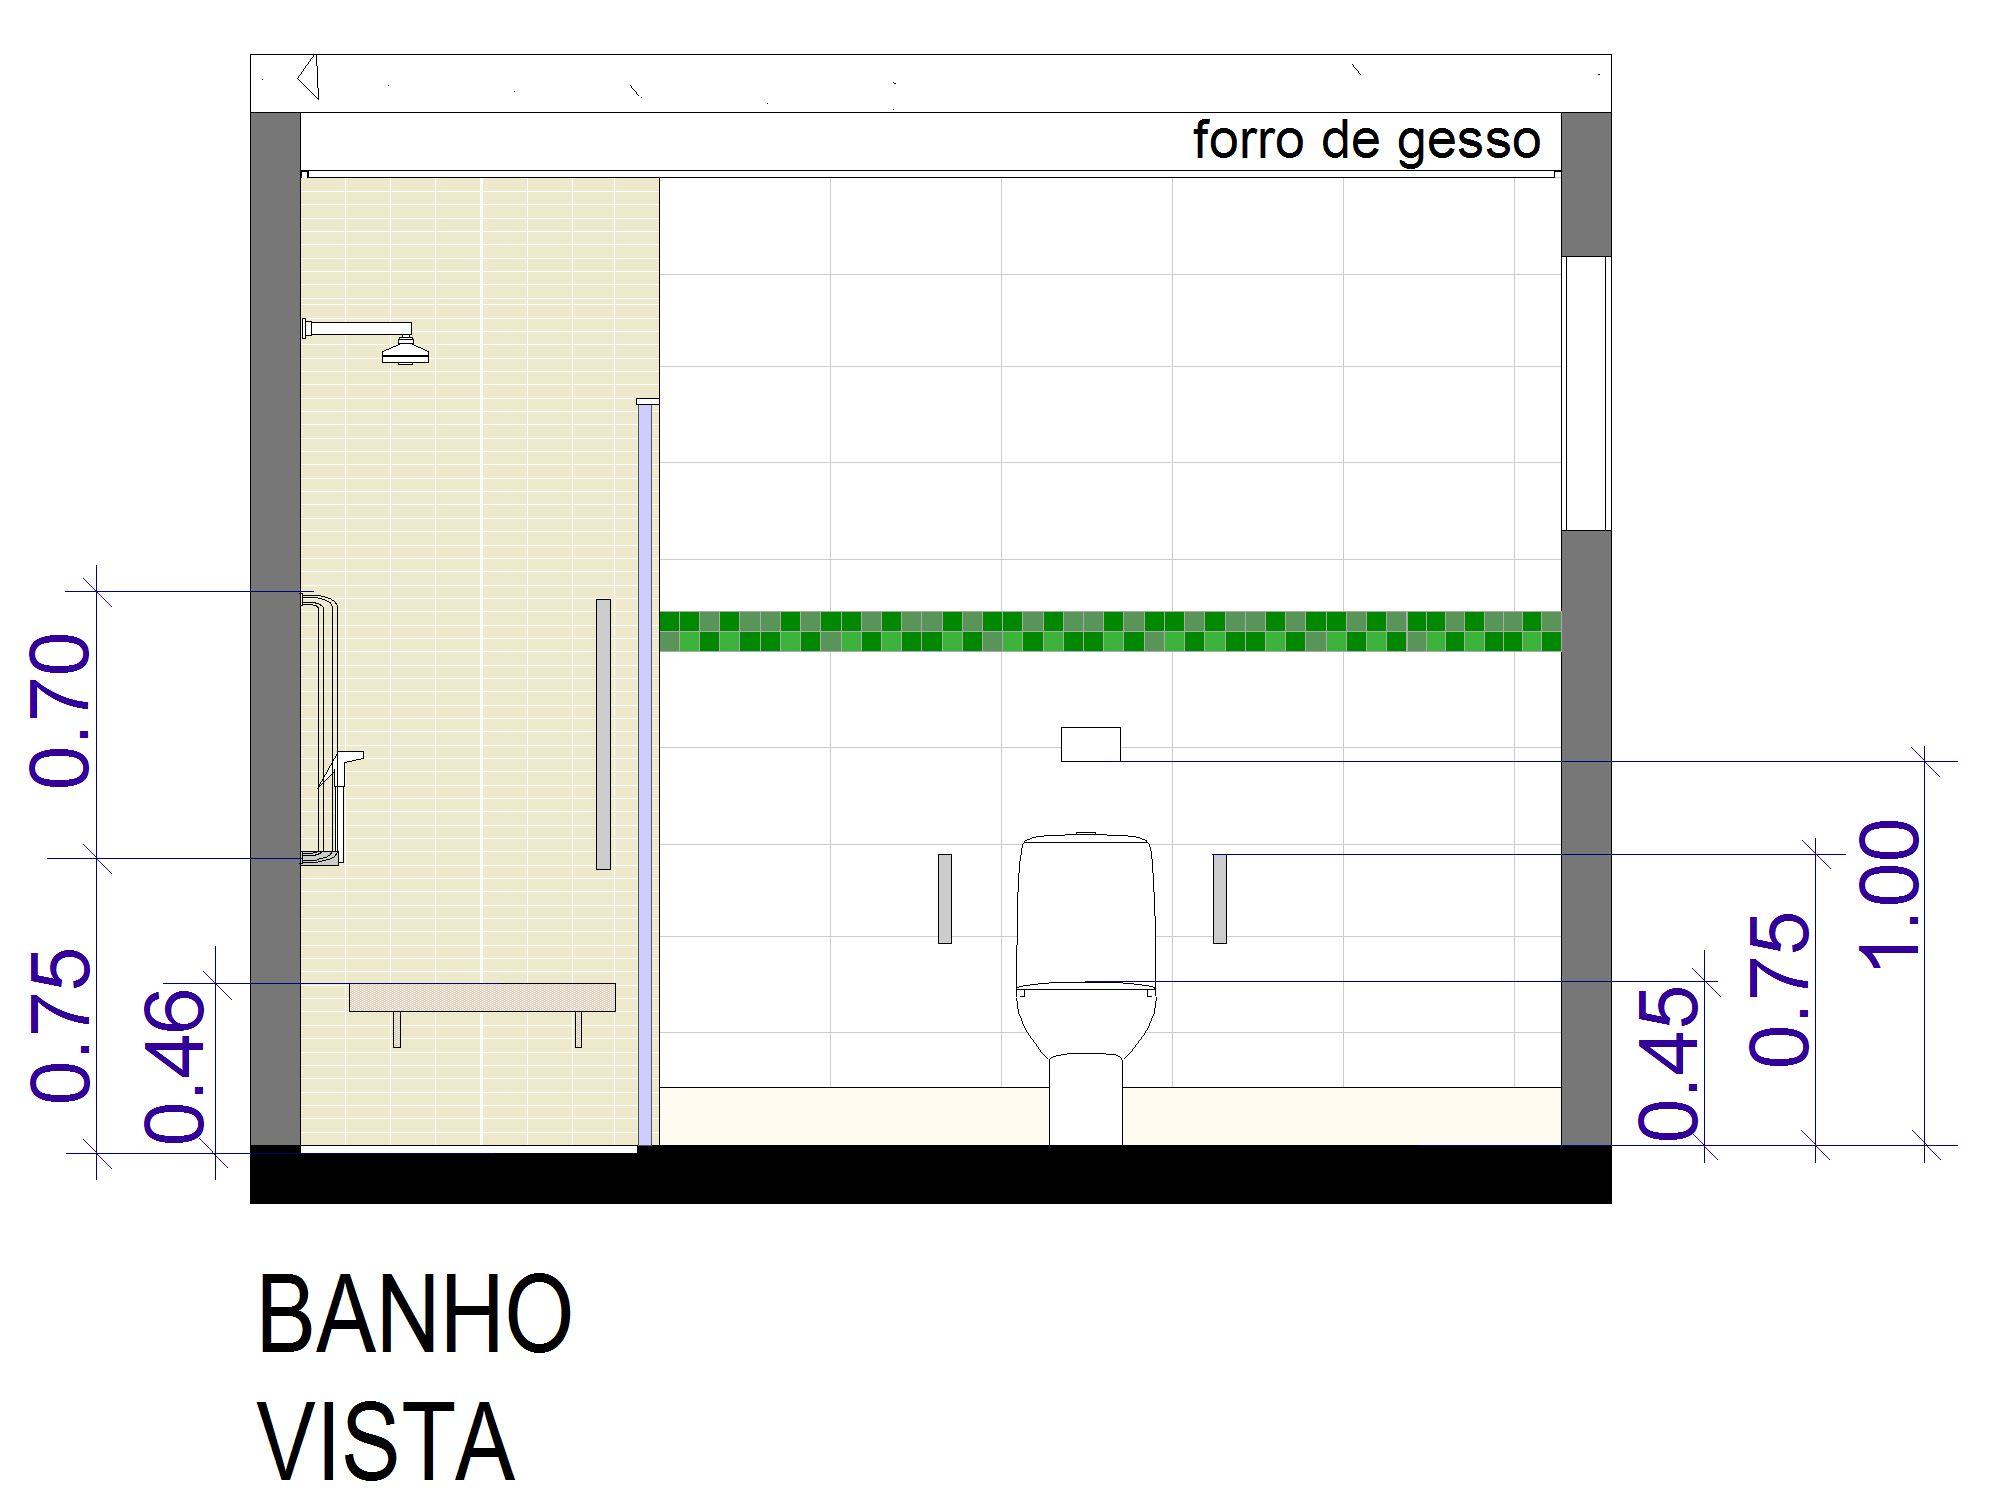 box de chuveiro acessivel  Pesquisa Google  ERGONOMIA E PLANTAS  Pinterest -> Nicho Banheiro Altura